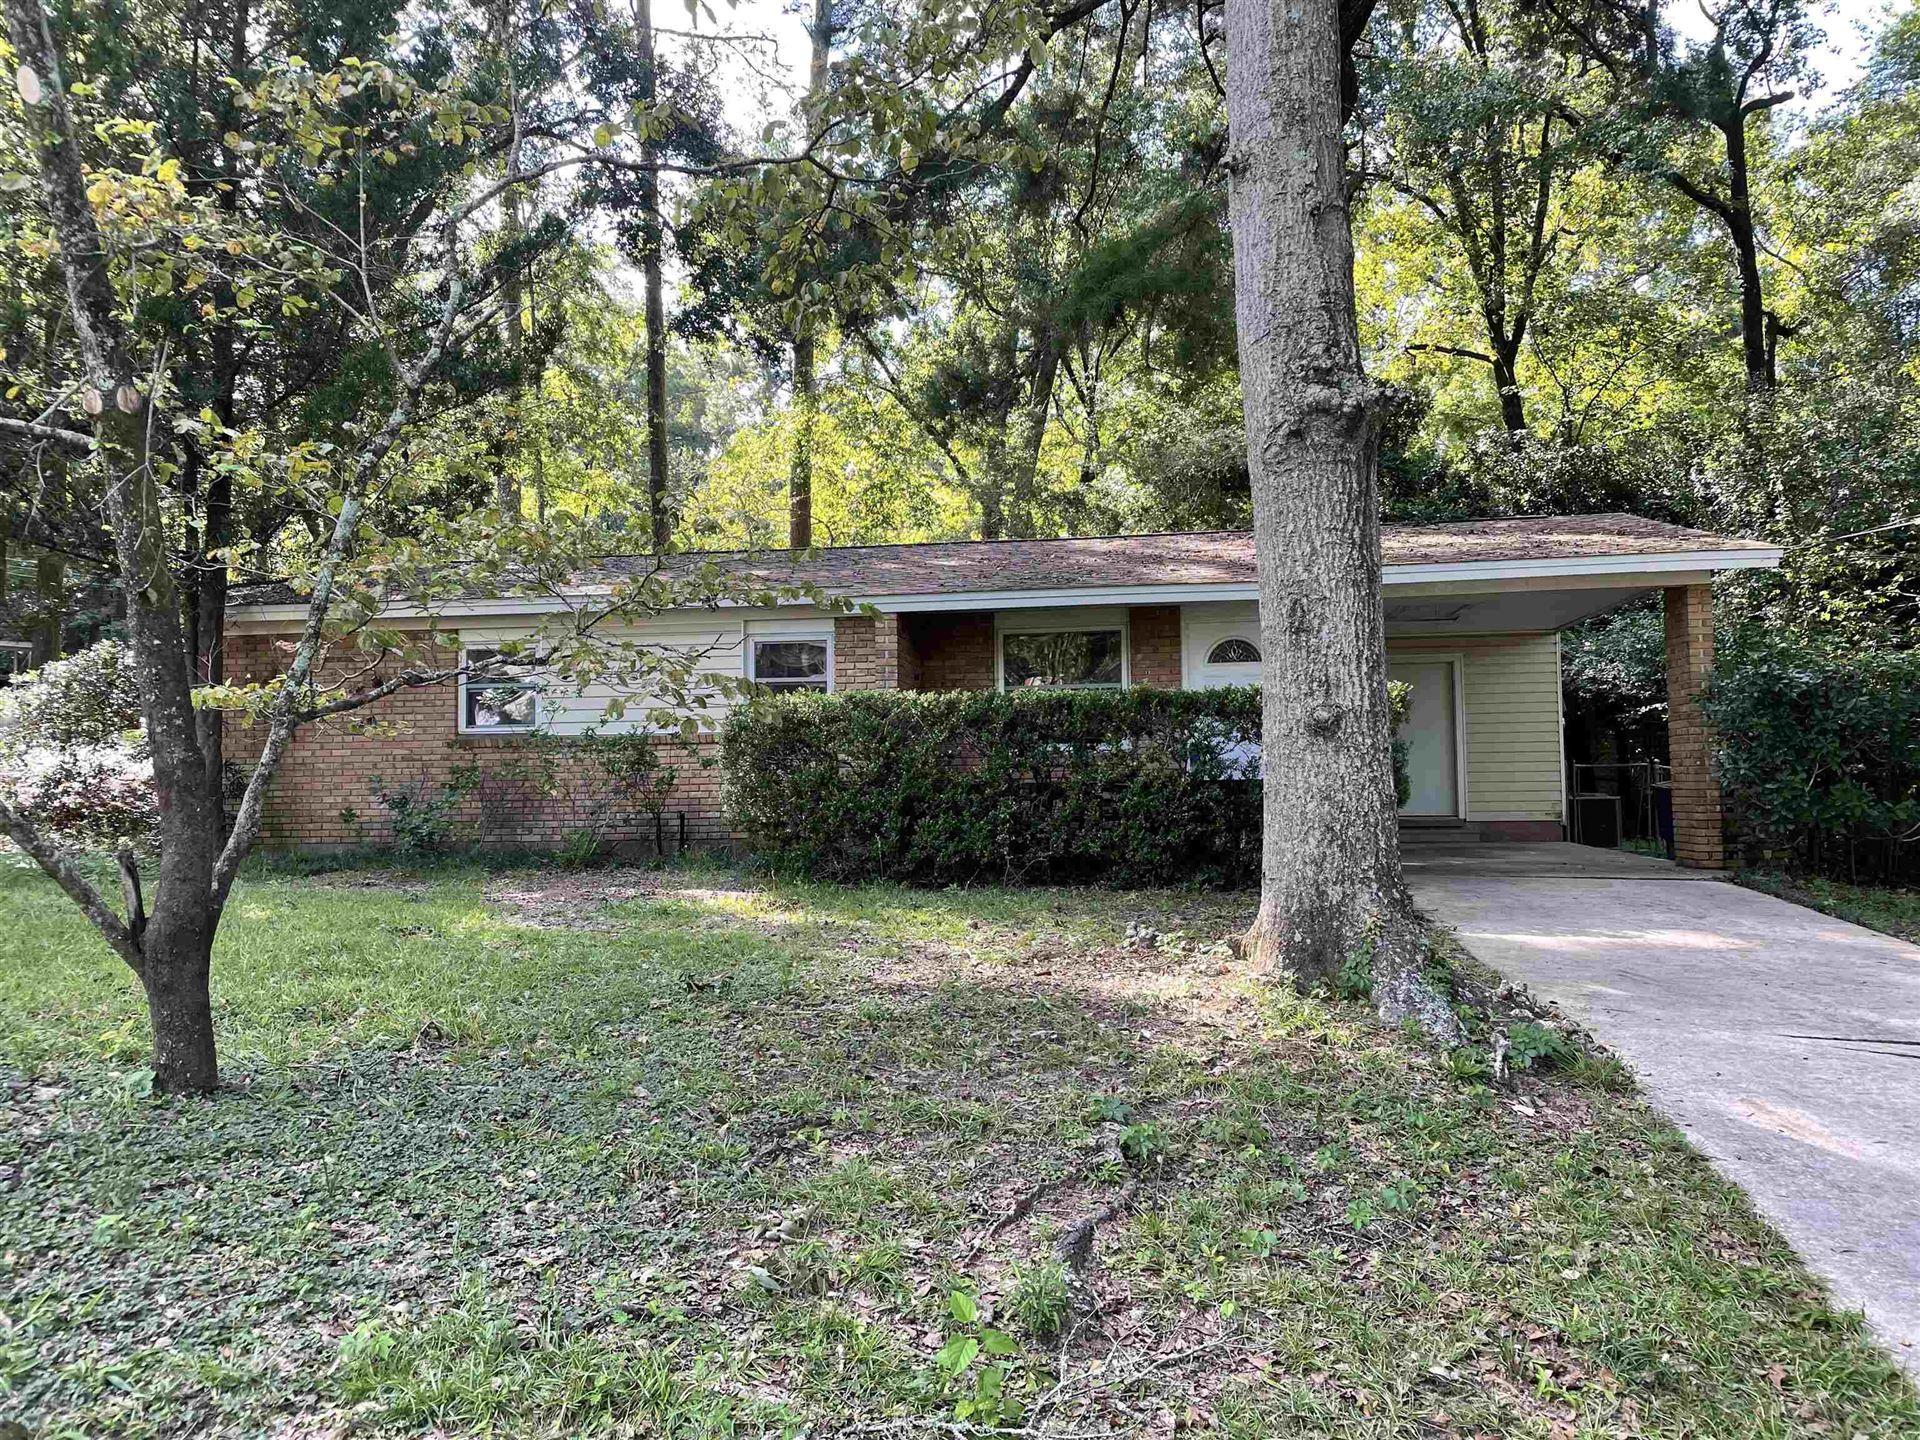 Photo of 2314 Spoonwood Drive, TALLAHASSEE, FL 32304 (MLS # 337172)